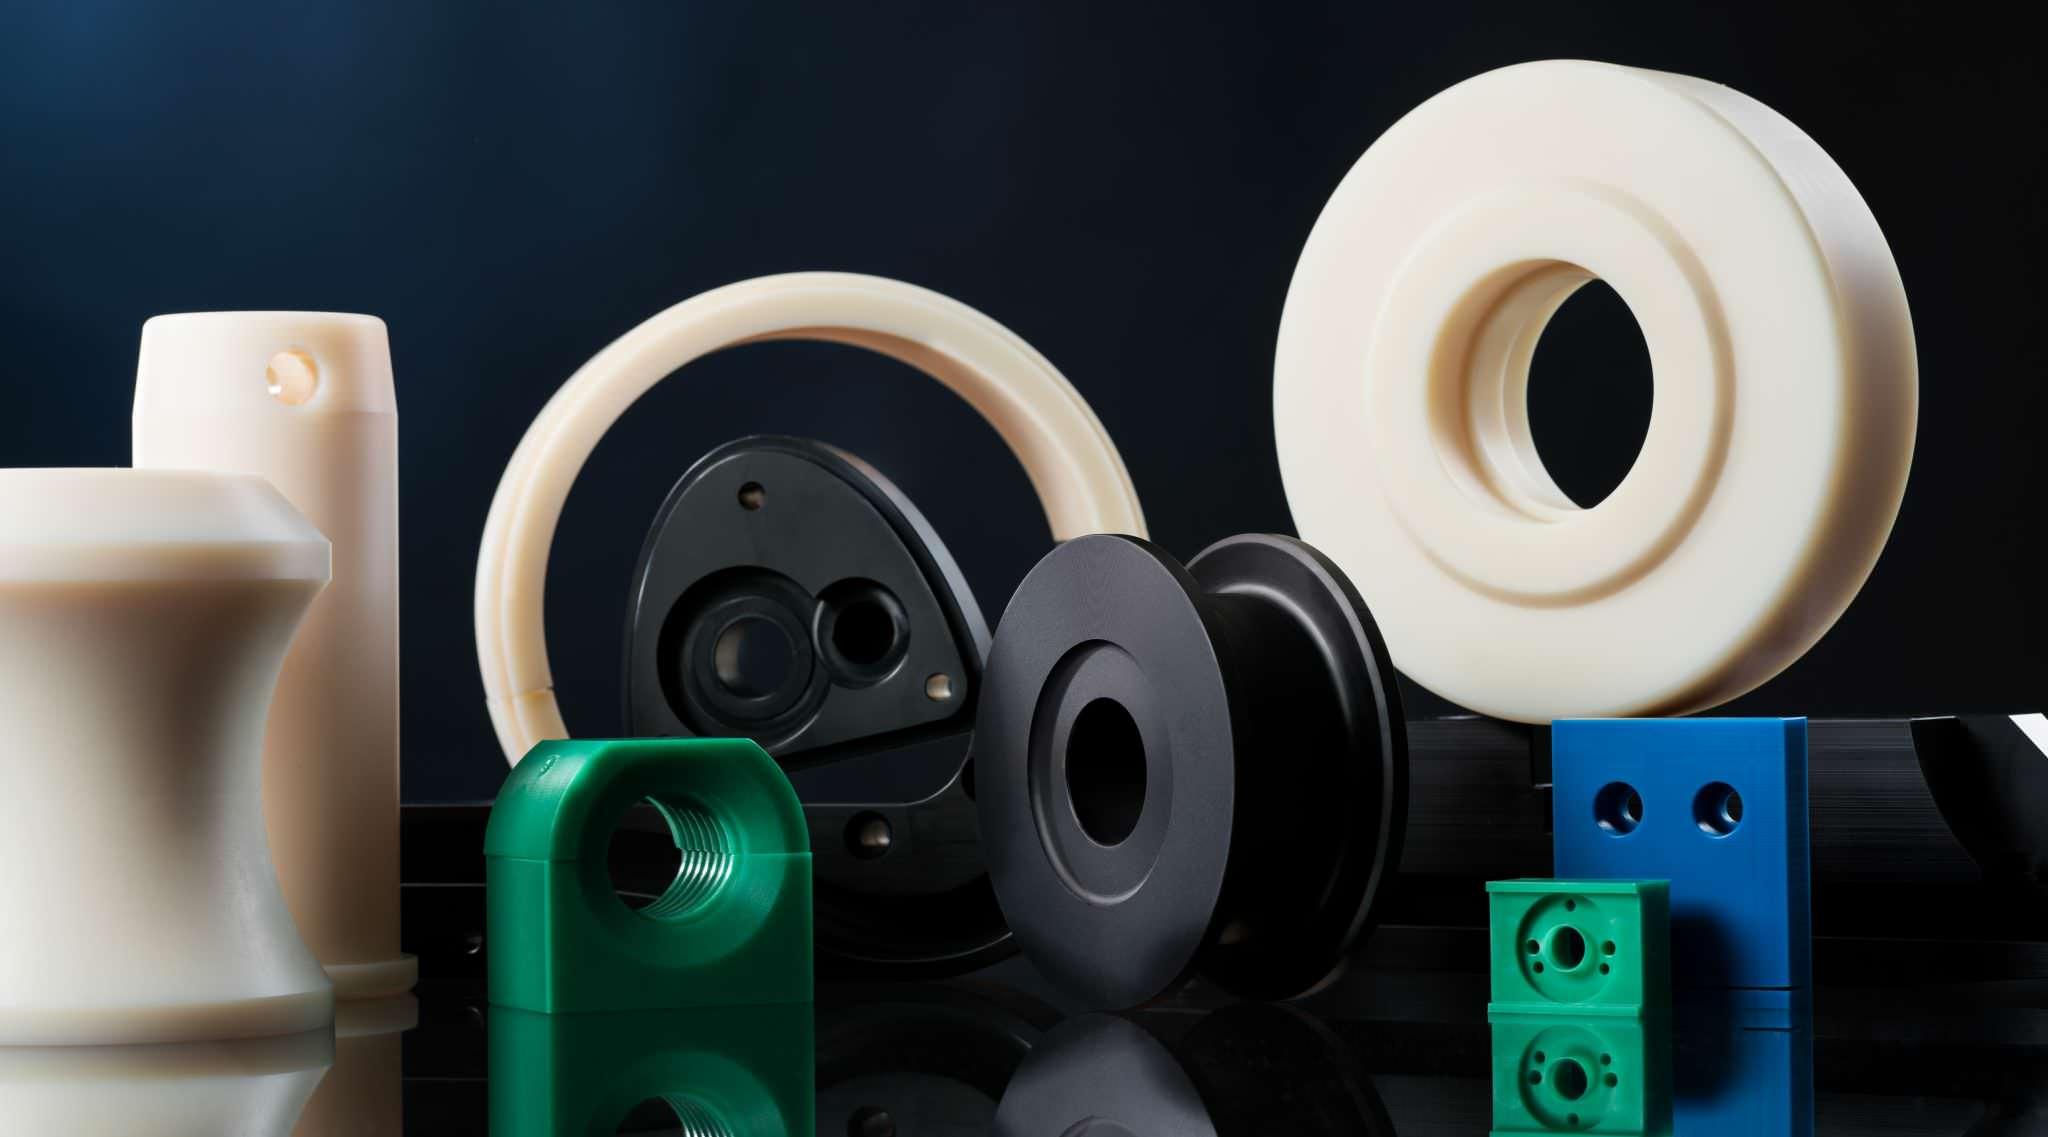 Seilollen, Ringe, Räder, Schwerlasträder, Hülsen, Buchsen, Gehäuse, Gleitelemente, Absreifer, Segmente aus Kunststoff.